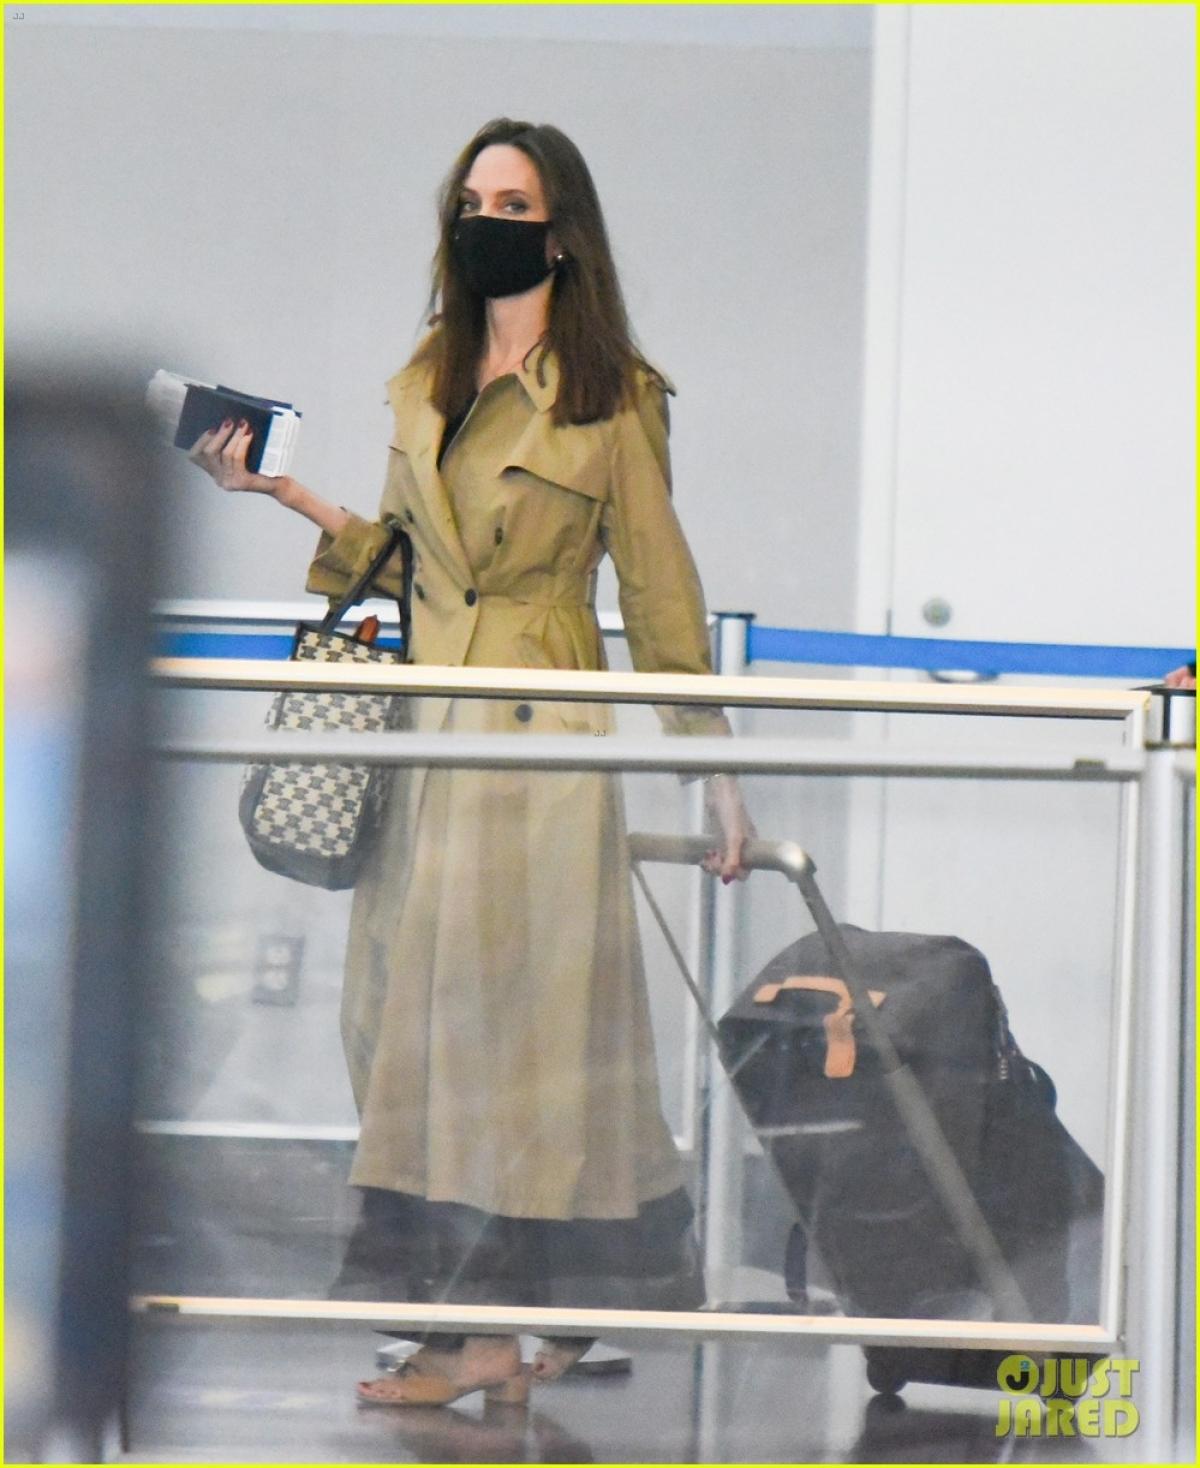 Dễ dàng nhận thấy, Angelina Jolie trông gầy hơn hẳn so với trước.